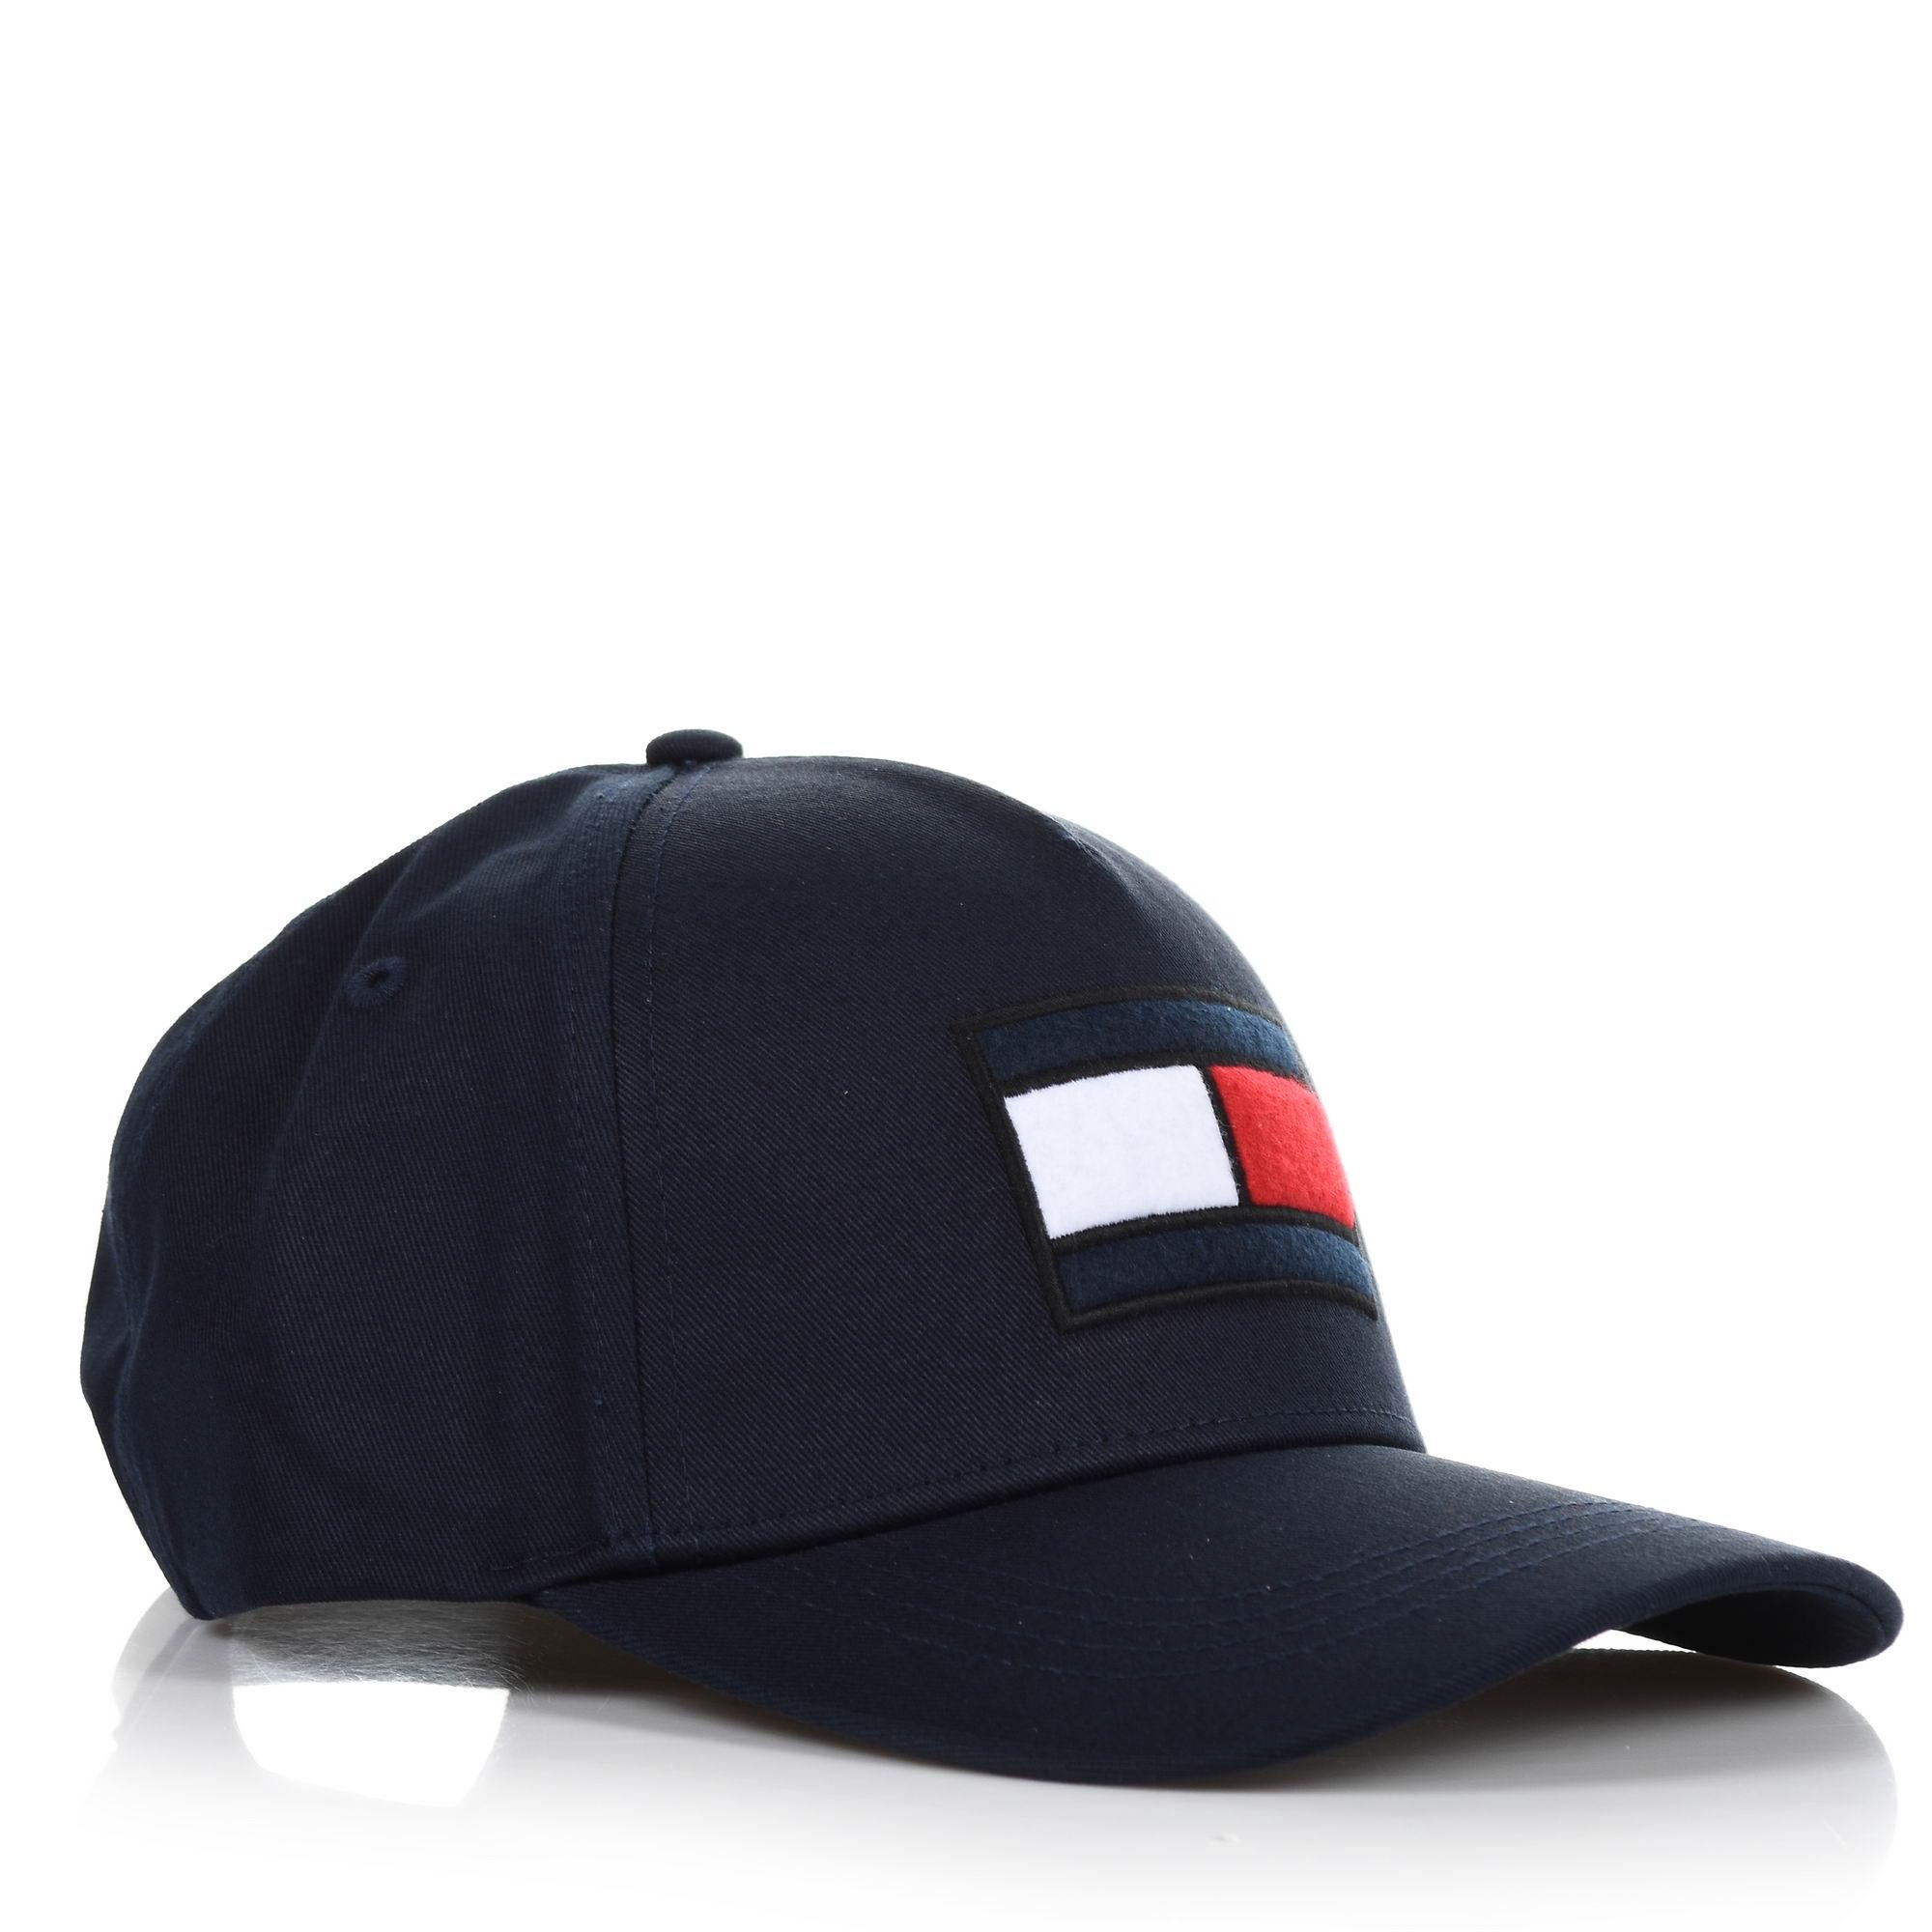 Καπέλο Tommy Hilfiger SPW Flag Cap AM0AM03995 ανδρας   καπέλο